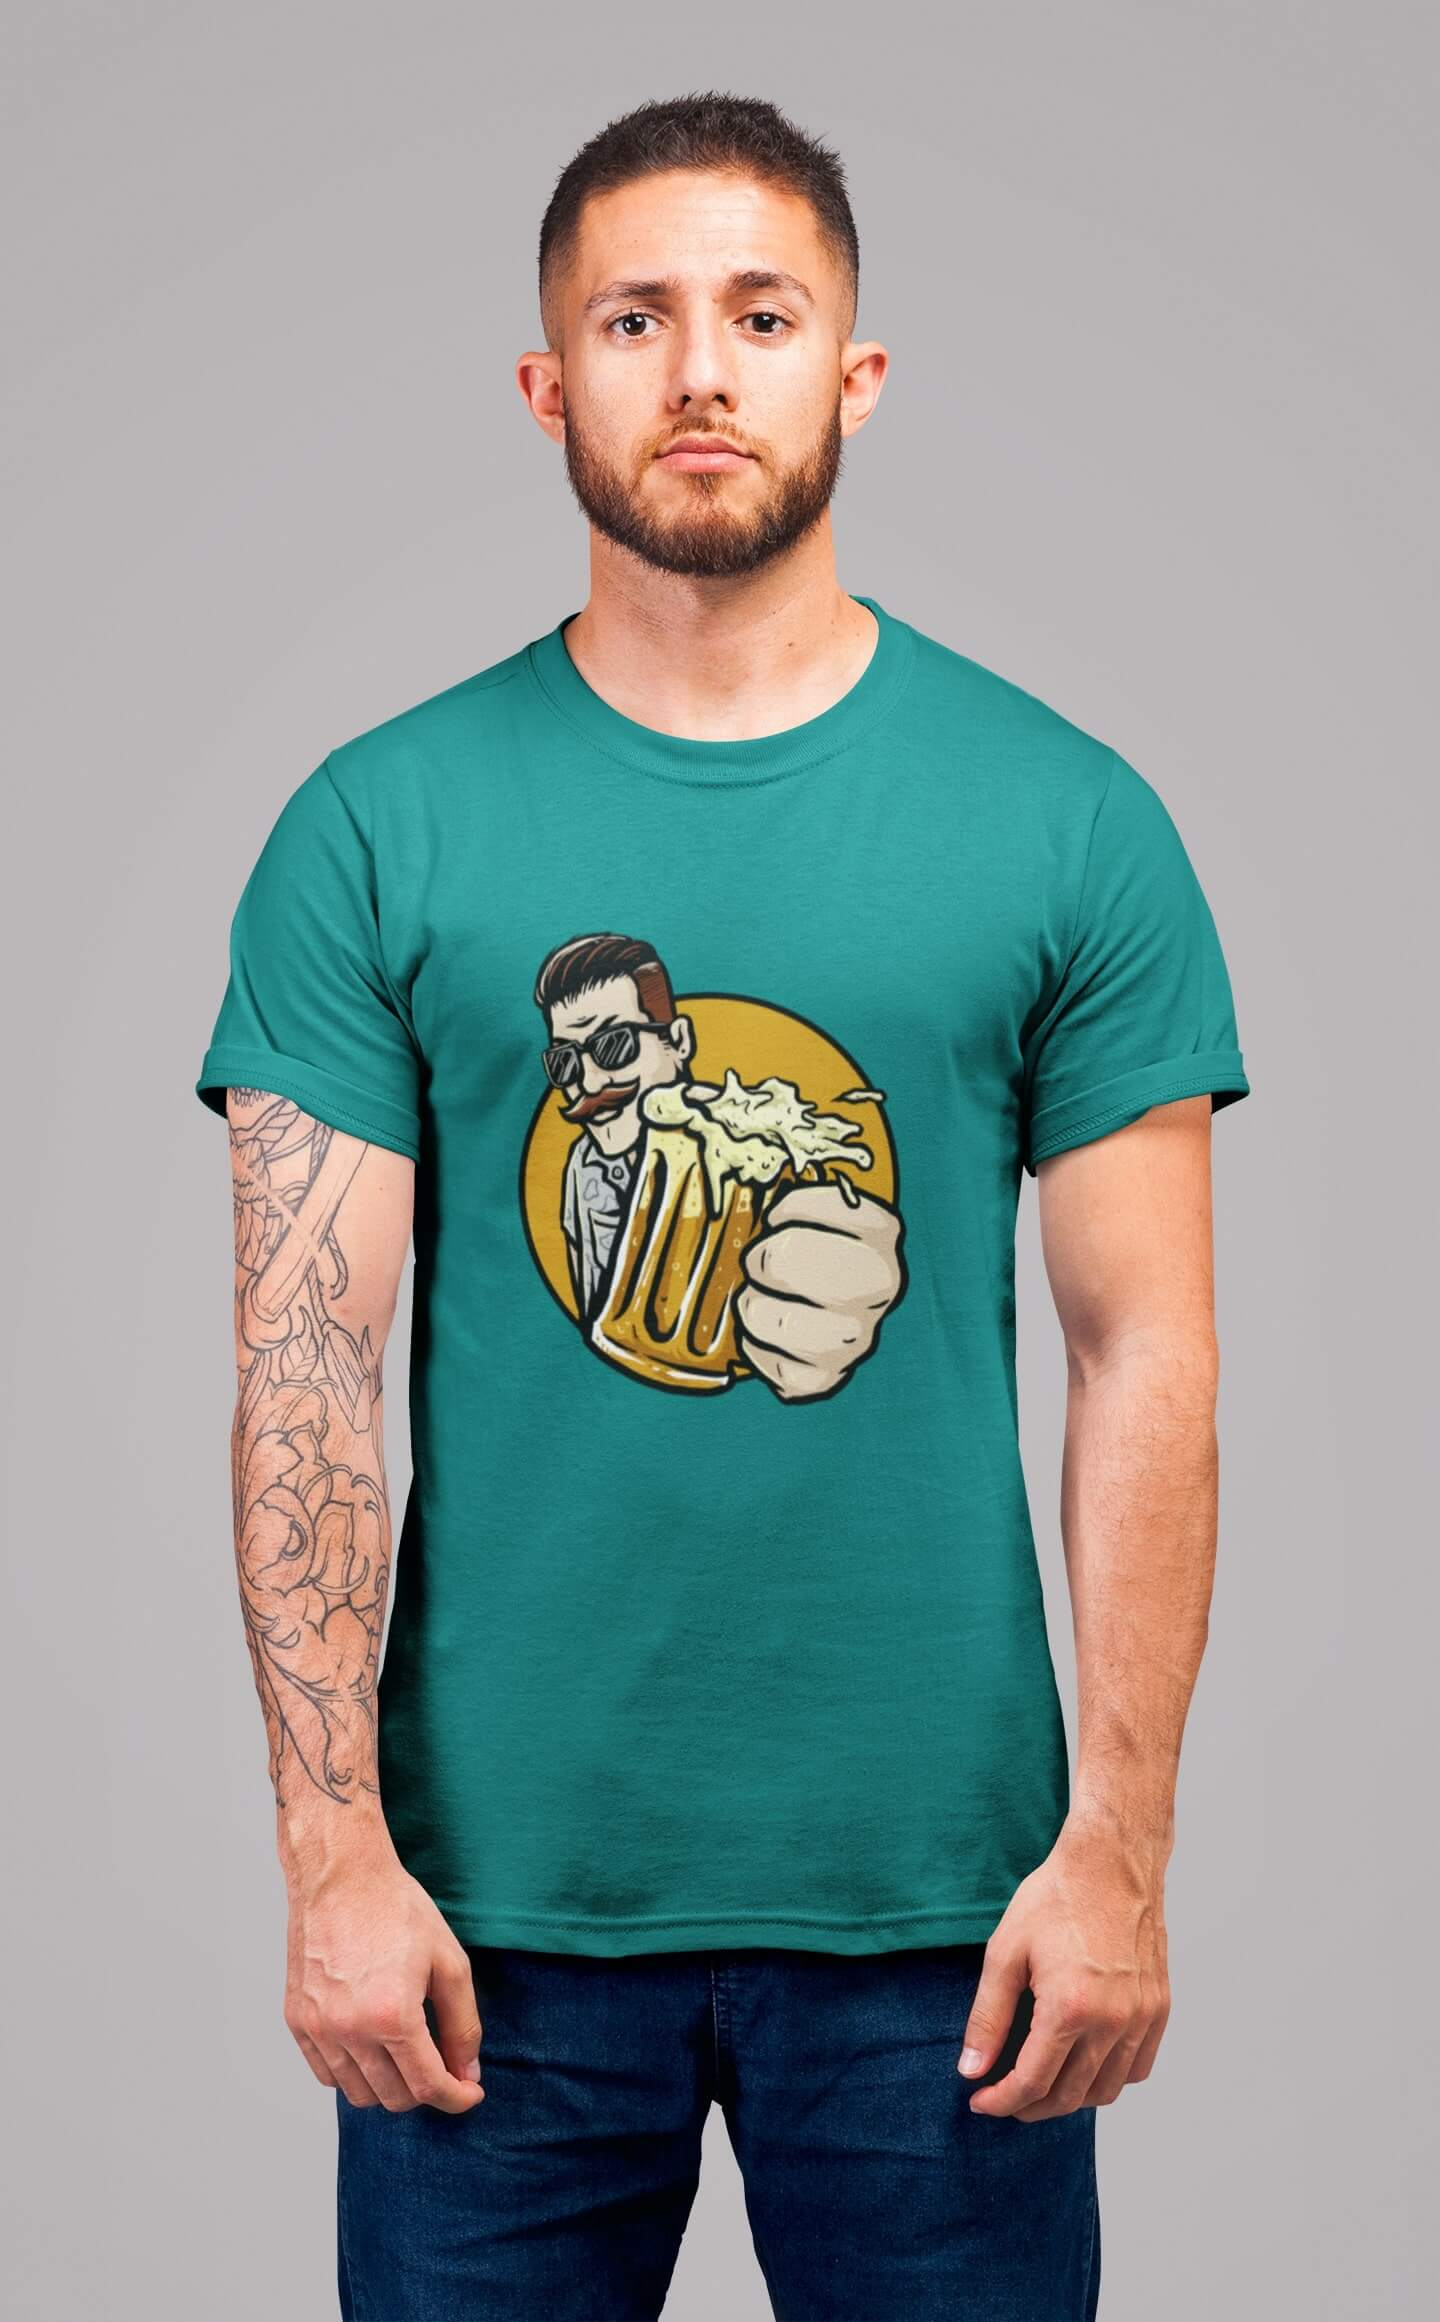 MMO Pánske tričko Chlap s pivom v ruke Vyberte farbu: Smaragdovozelená, Vyberte veľkosť: L